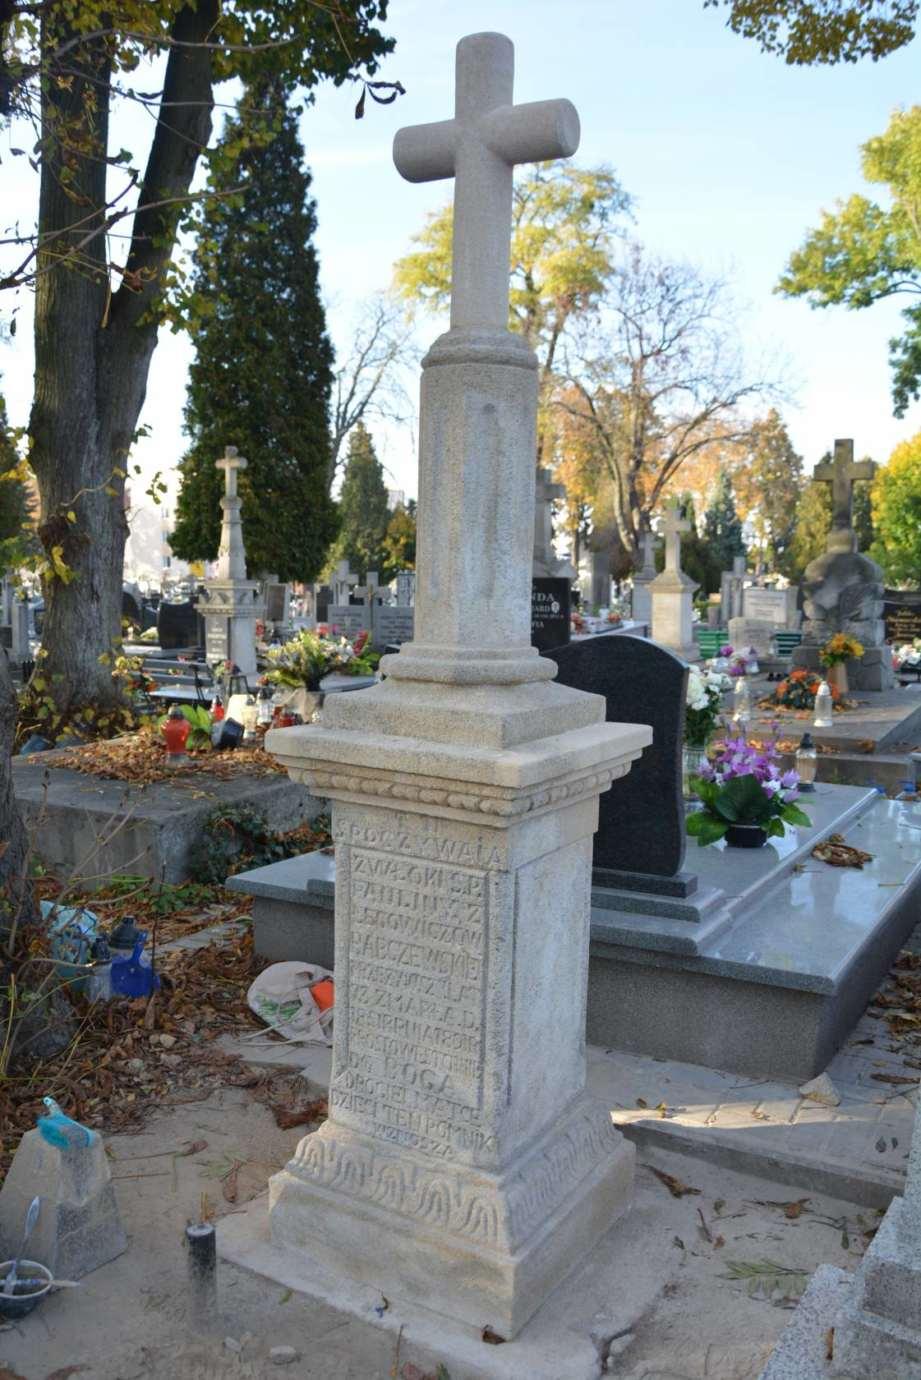 paulina rabczewska 2 Zamość: Przed nami XIII Kwesta na Cmentarzu Parafialnym przy ul. Peowiaków (zdjęcia)